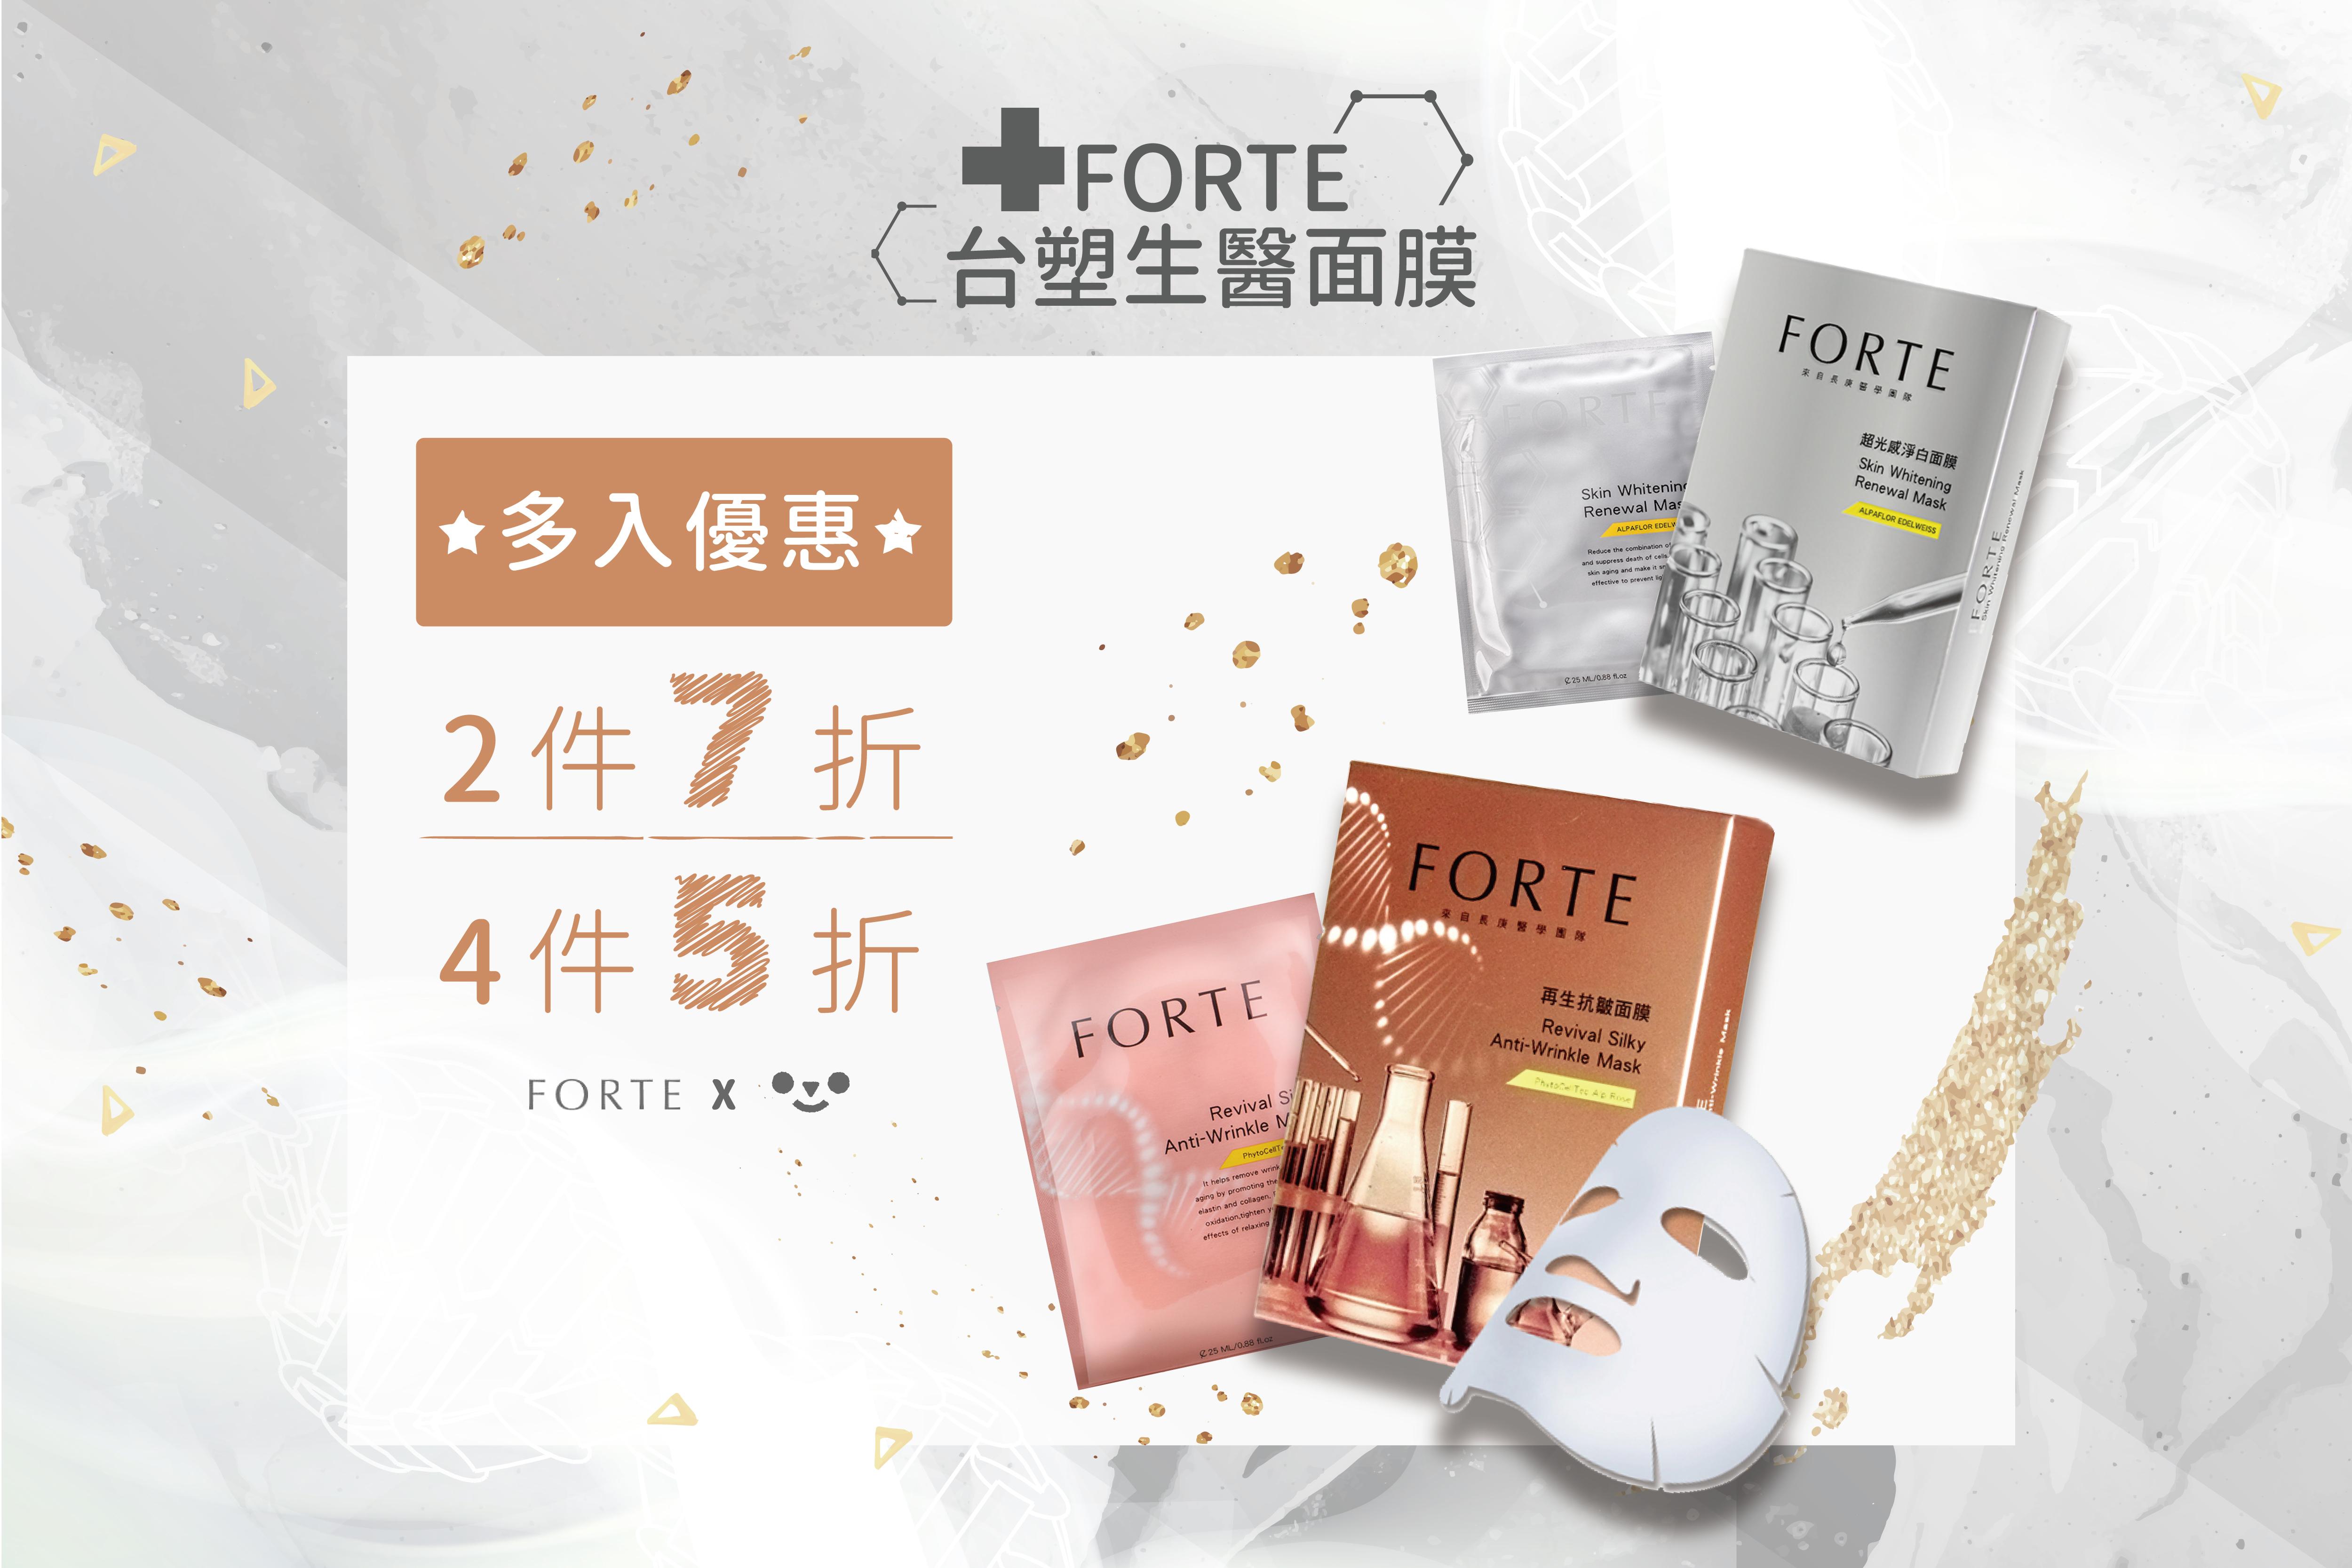 FORTE台塑生醫面膜・多入優惠2件7折、4件5折